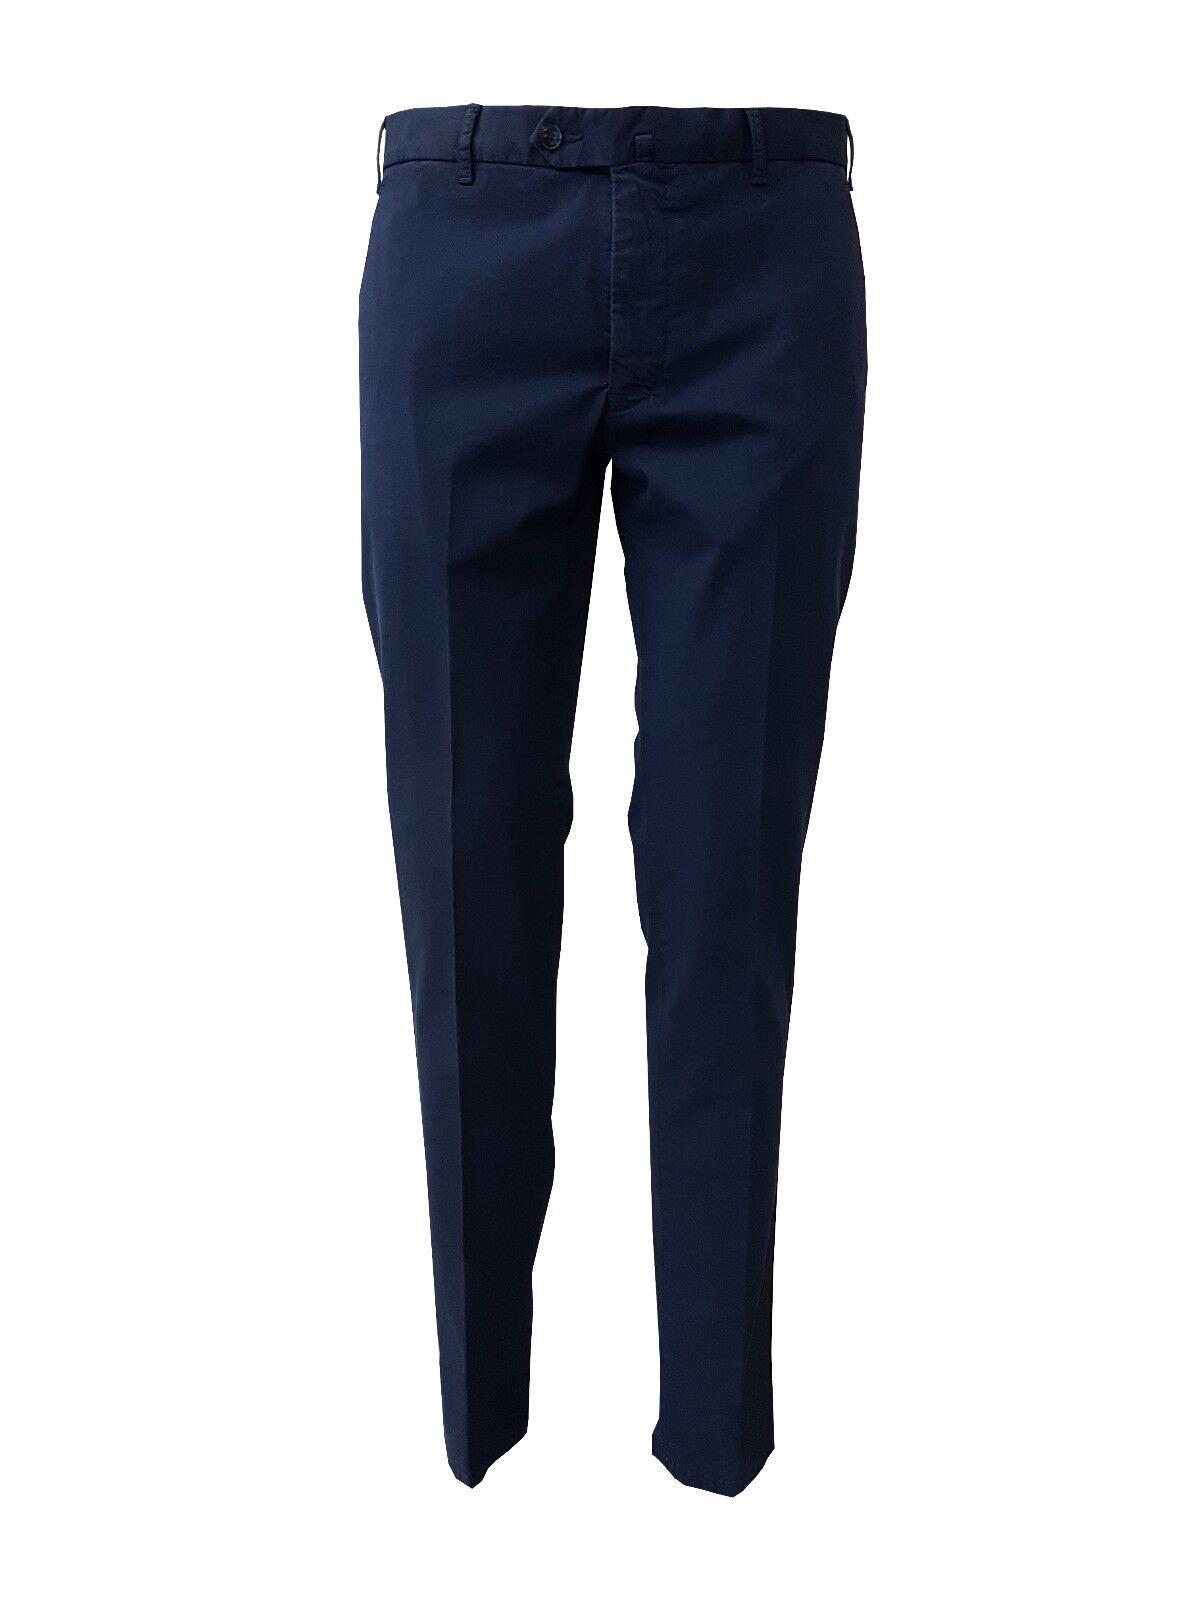 LUIGI BIANCHI Hose blau Multi-gefärbt Licht 98 % Baumwolle 2% Elasthan